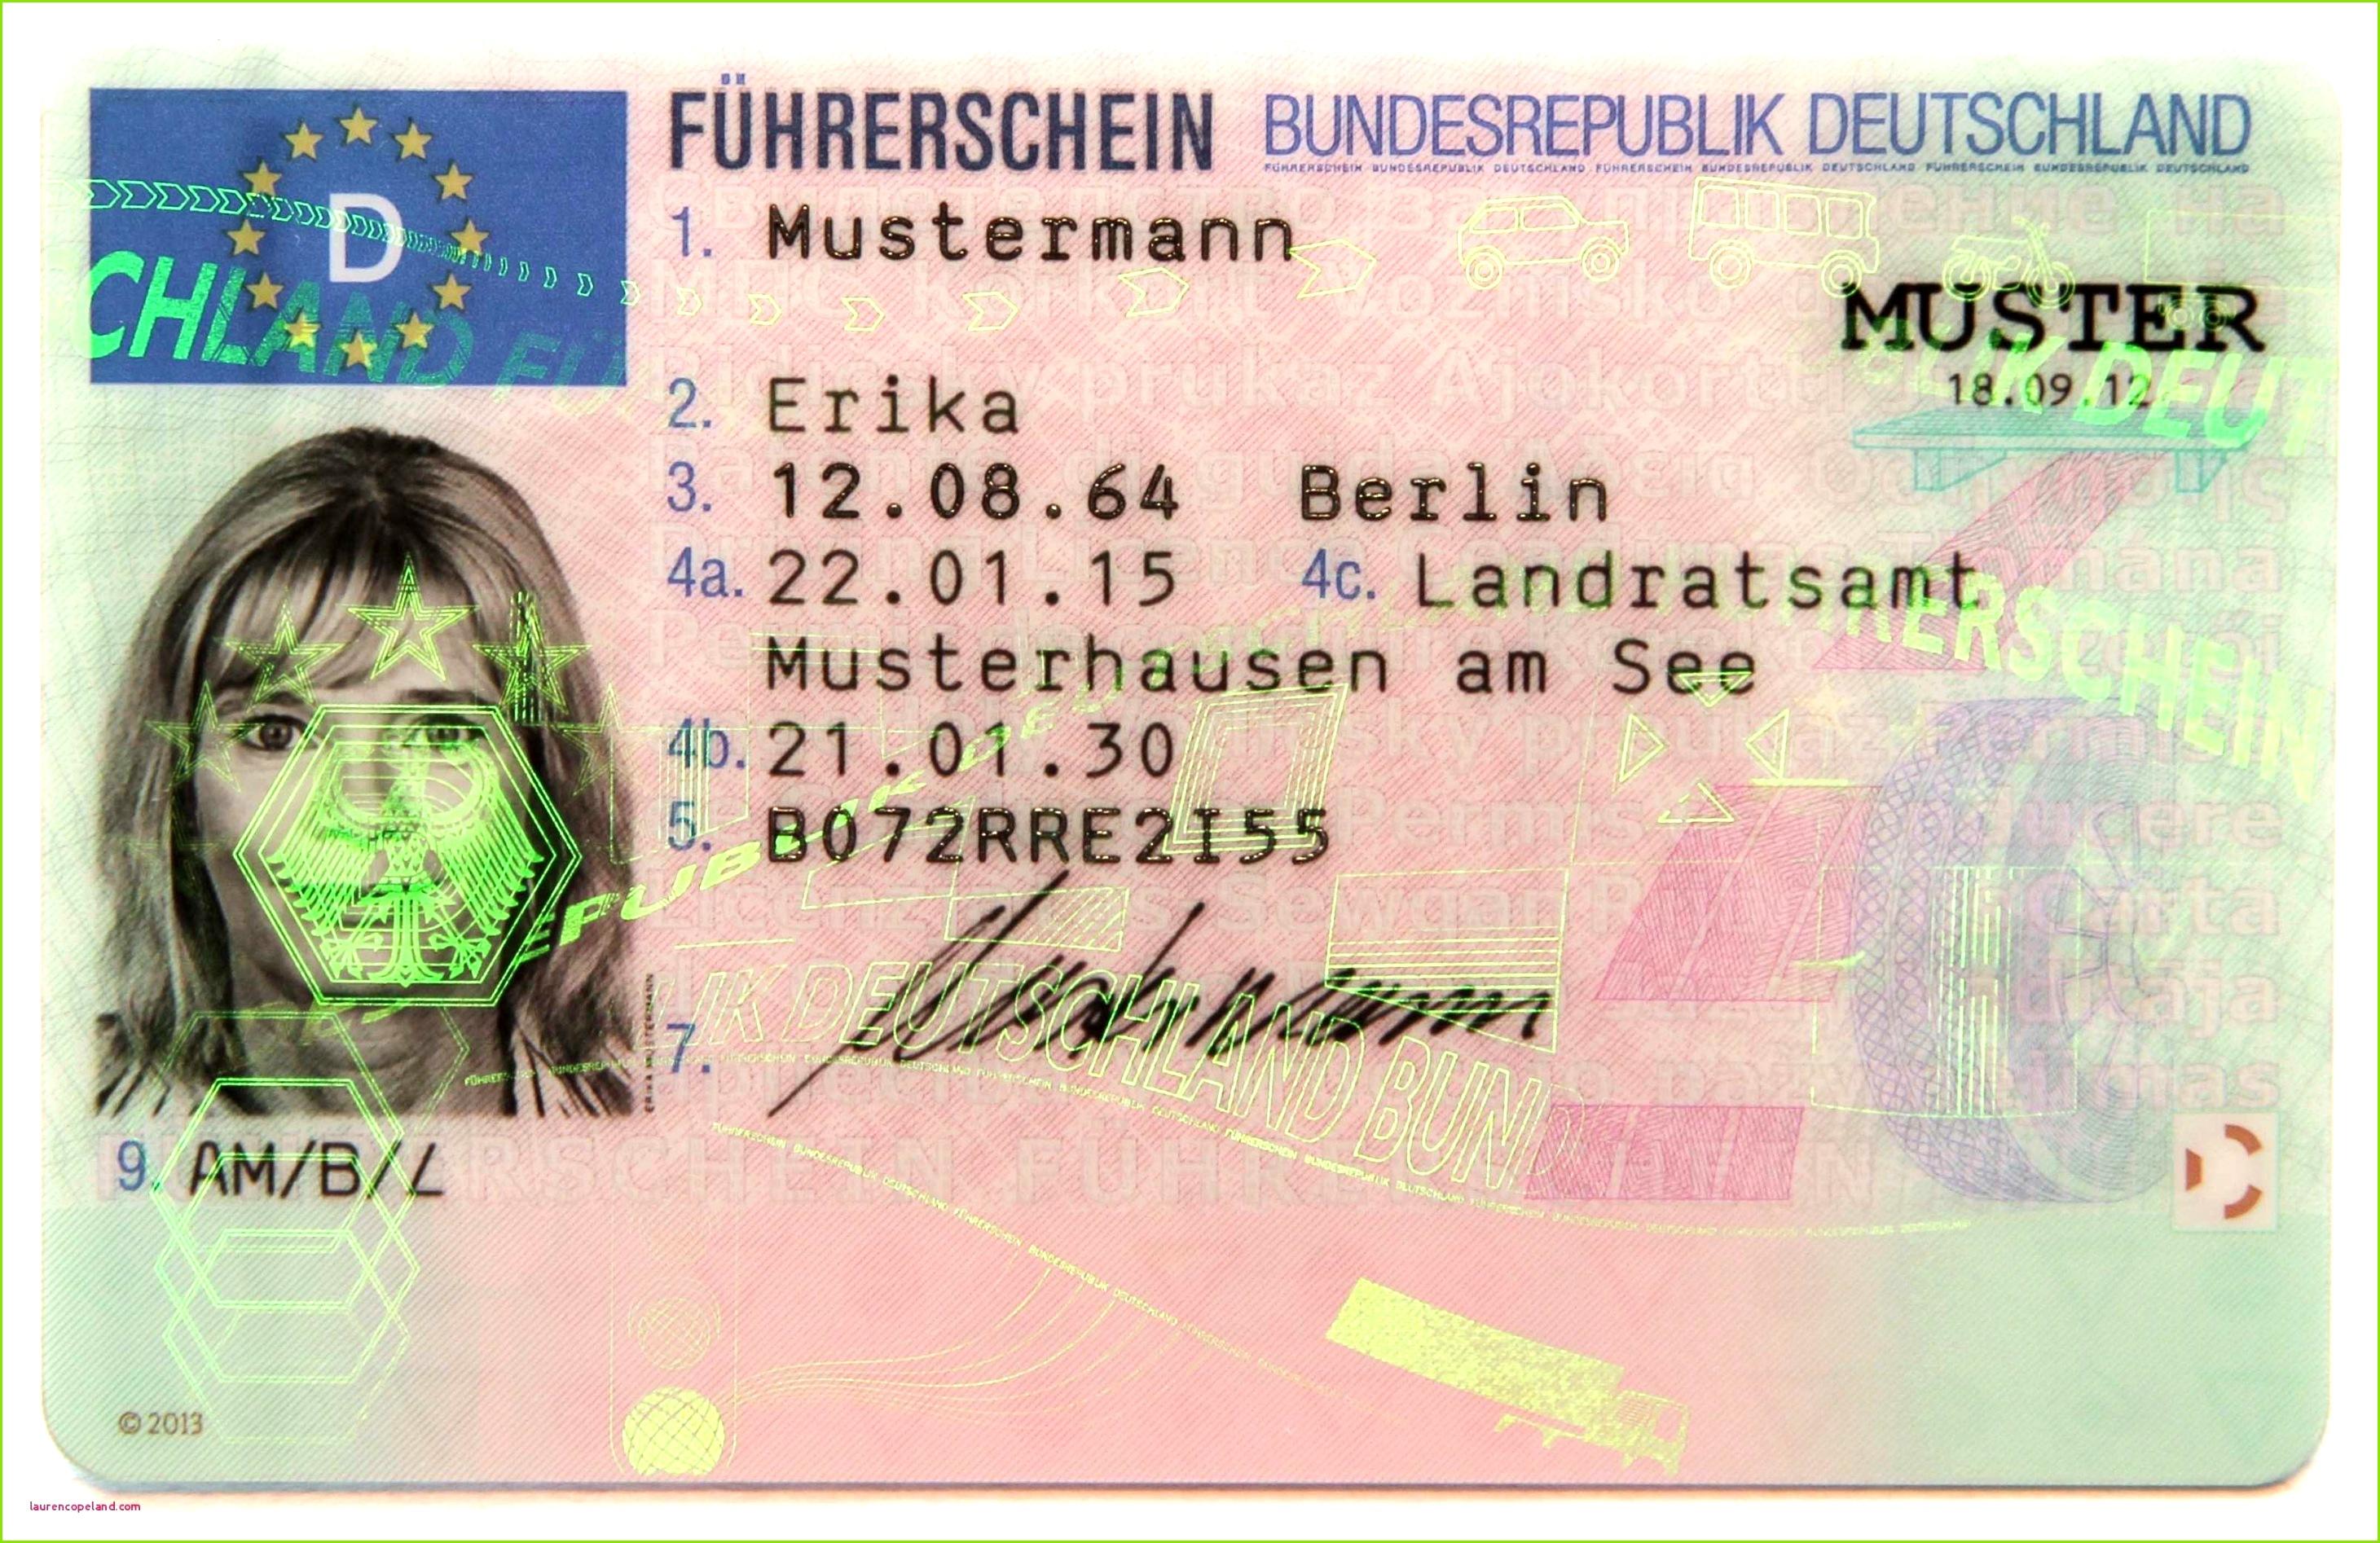 Fuhrerschein Vorlage Pdf 59 Wunderbar Führerschein Vorlage Bilder